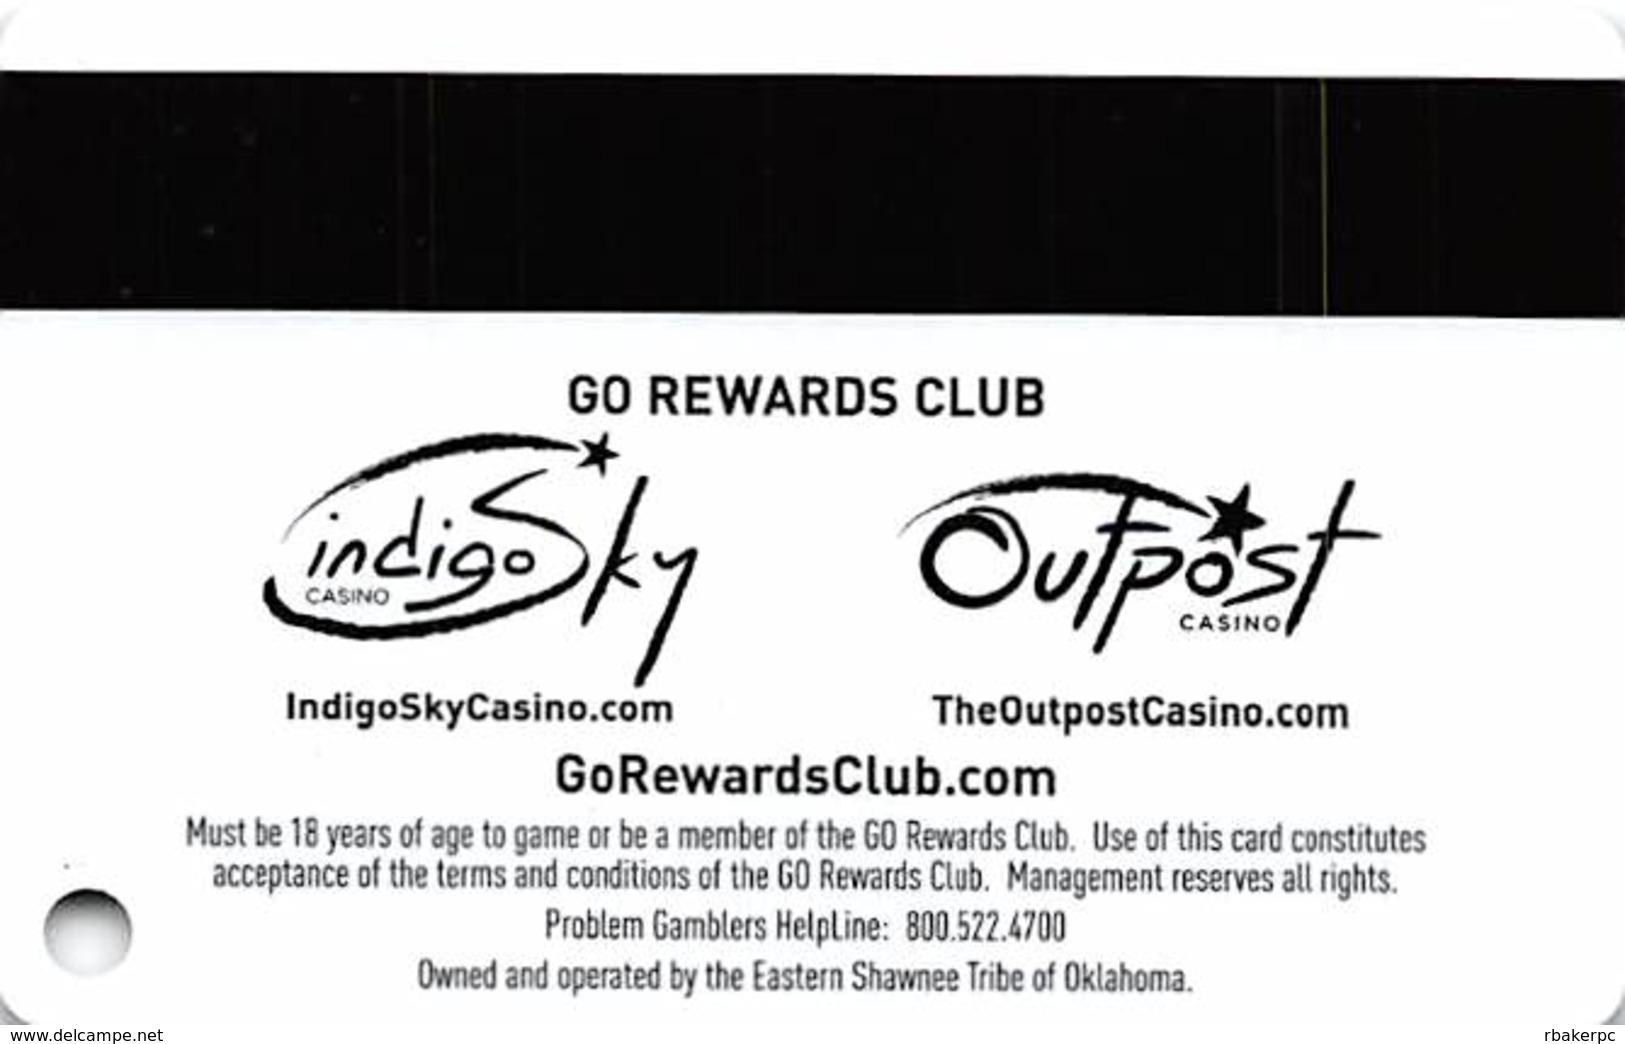 Indigo Sky & Outpost Casinos OK GoRewards Slot Card - Small Insert Arrows - Casino Cards